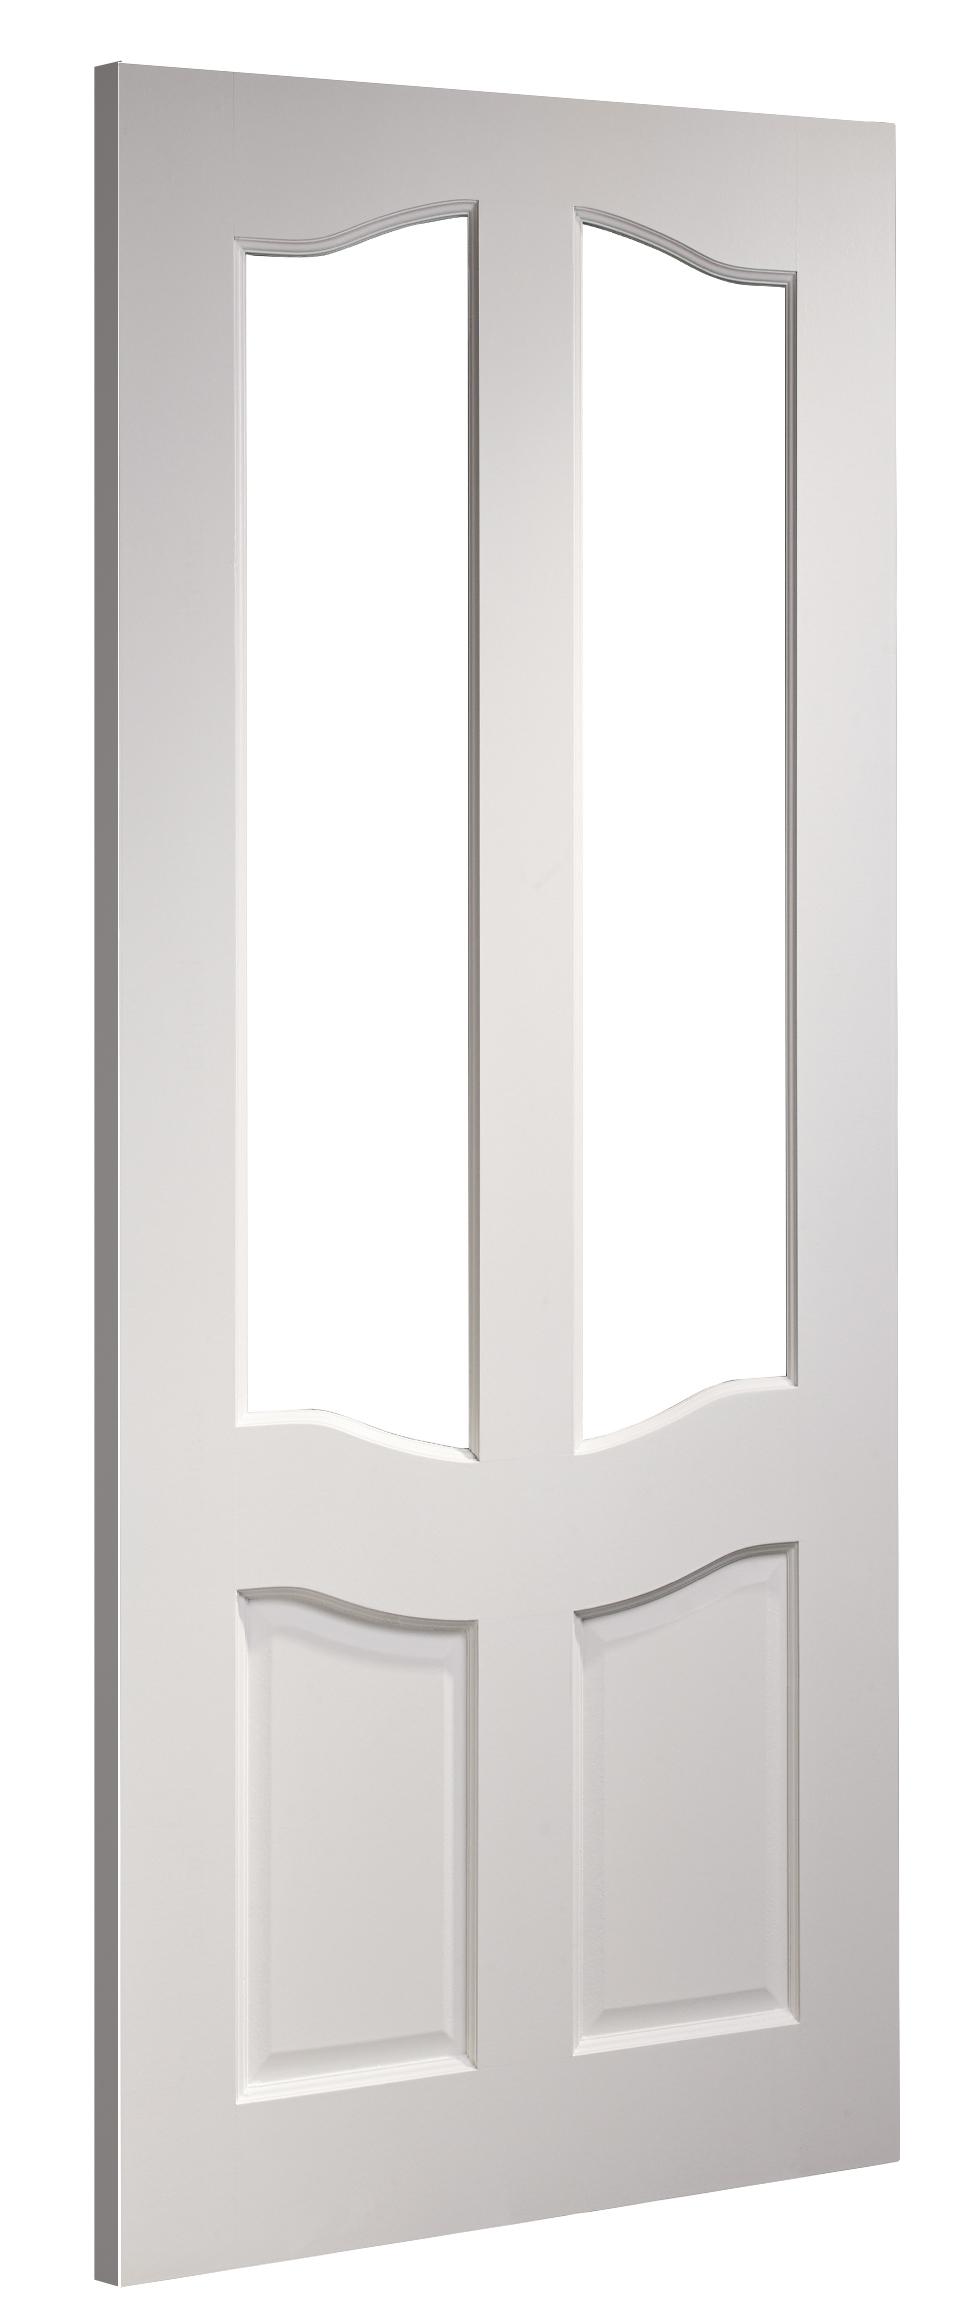 Primed Doors VR20G-UNG